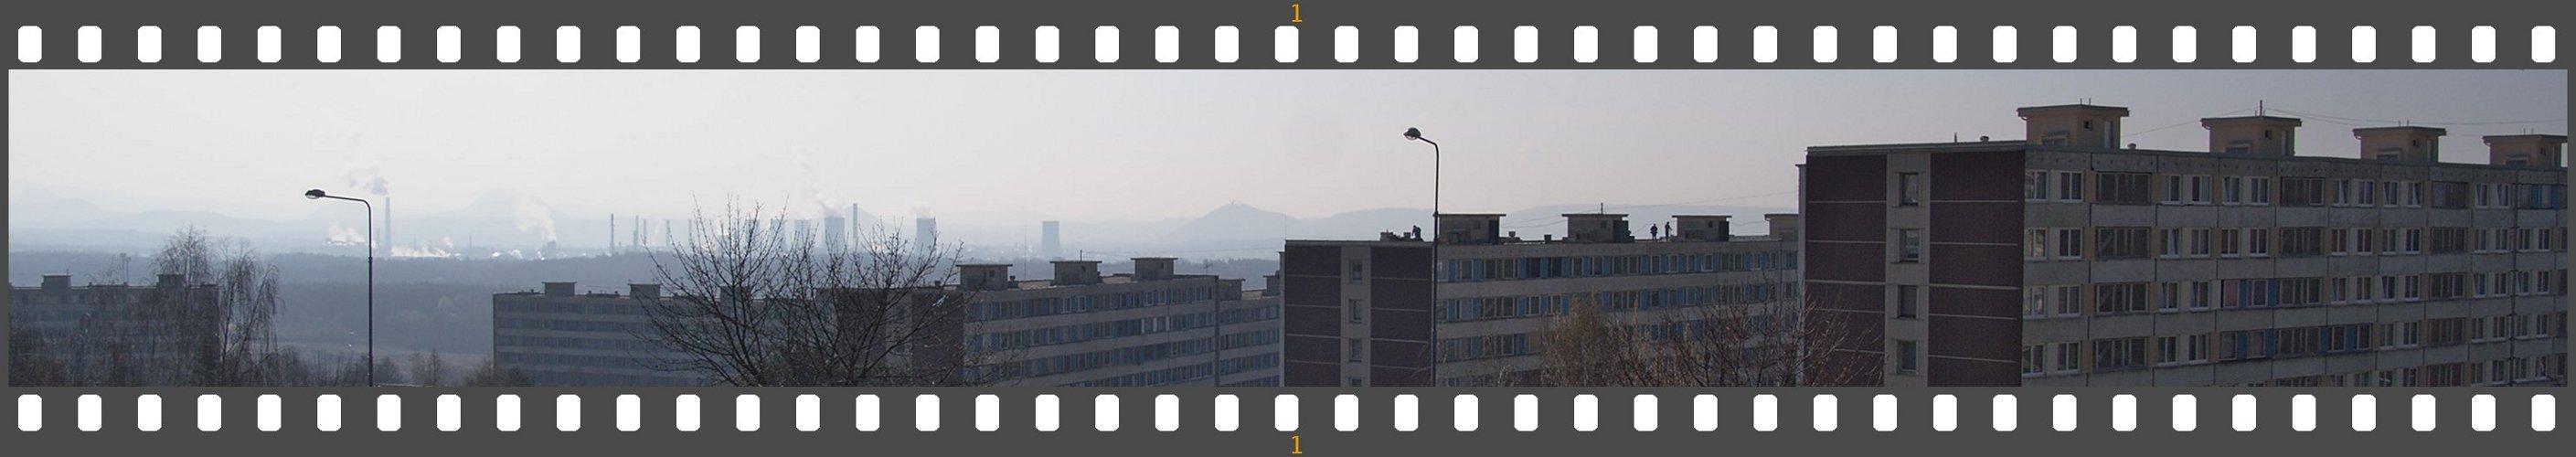 Verlorene Heimat - Das Leben im Dunst